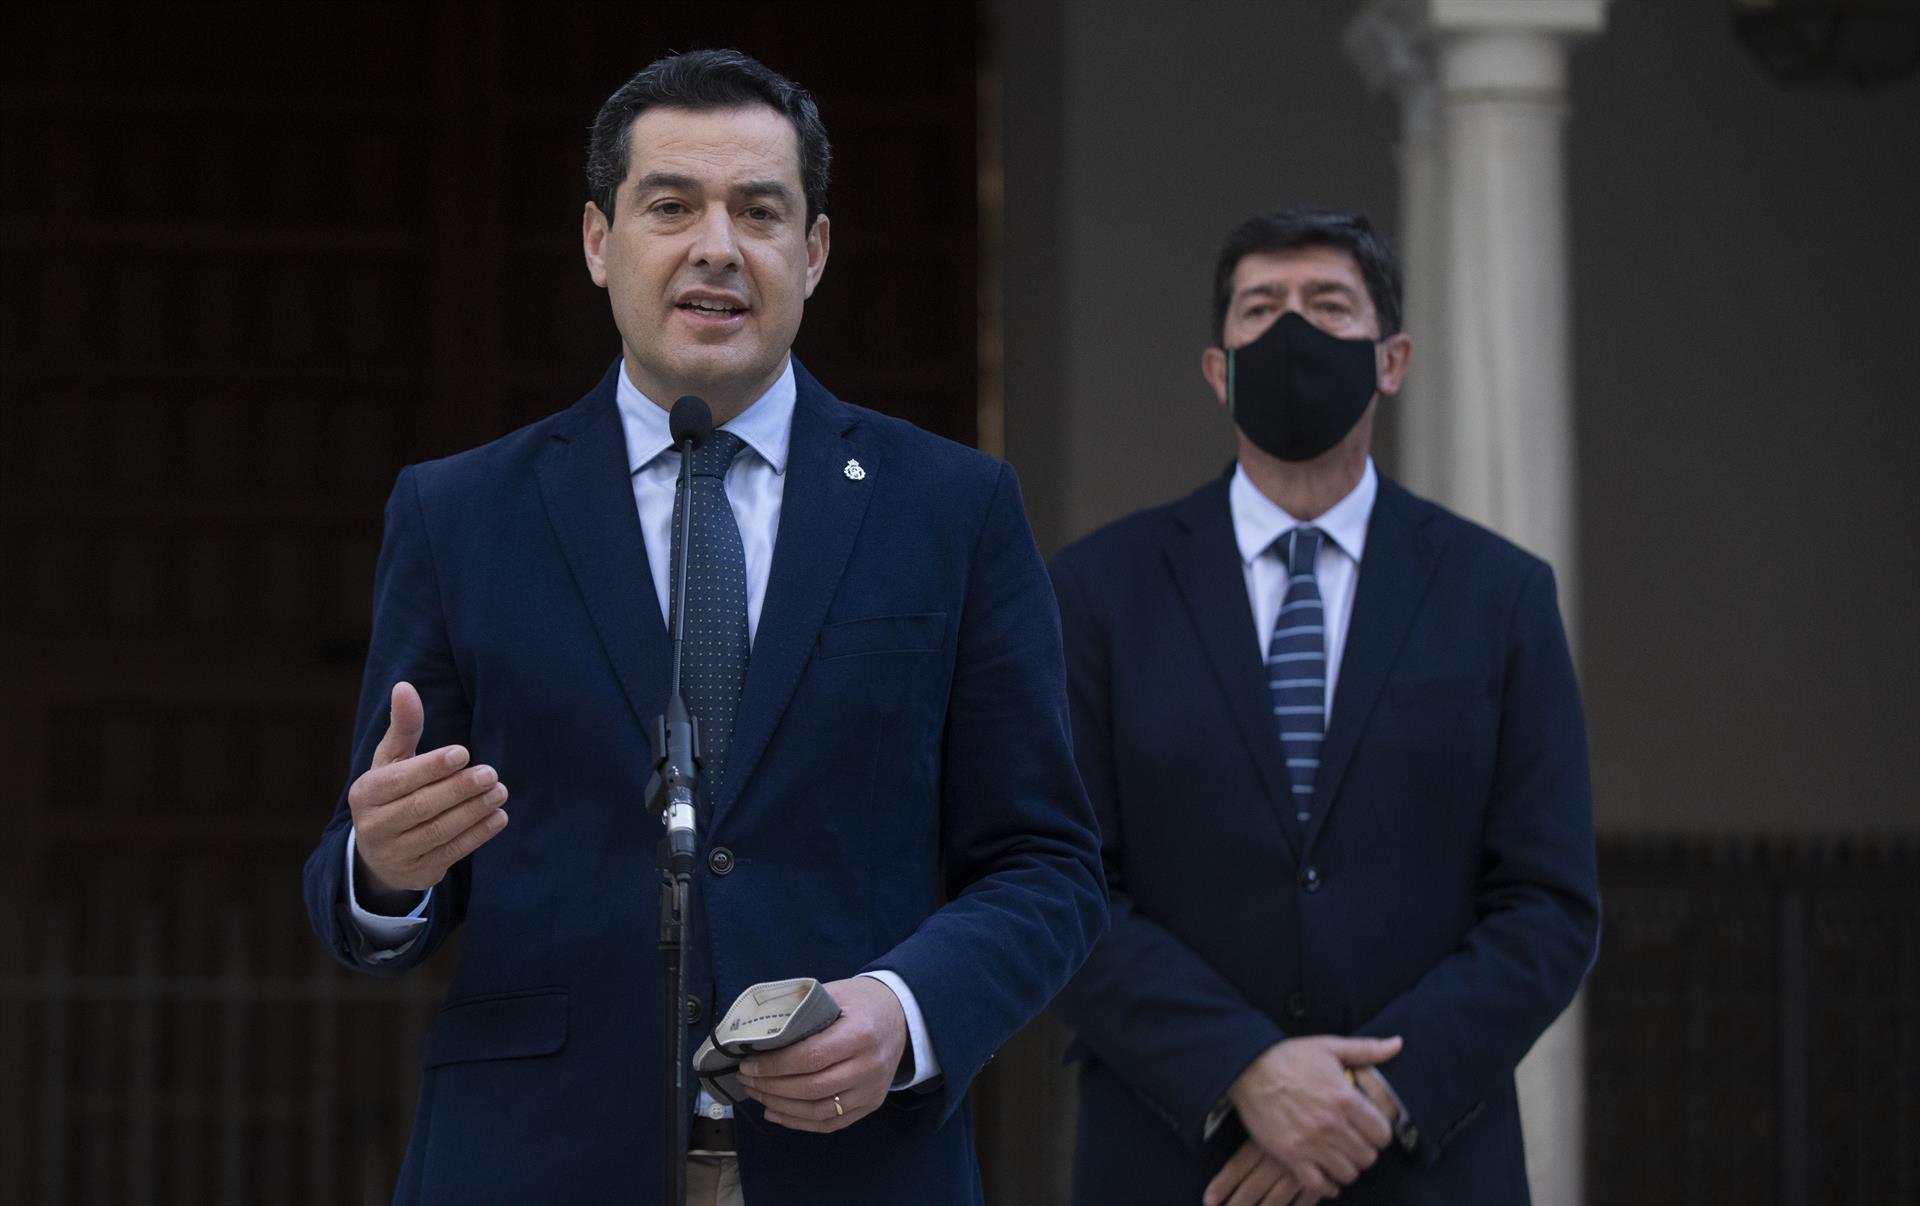 Moreno y Marín piden al Gobierno una respuesta «urgente y coordinada» al aumento de la presión en la frontera de Ceuta